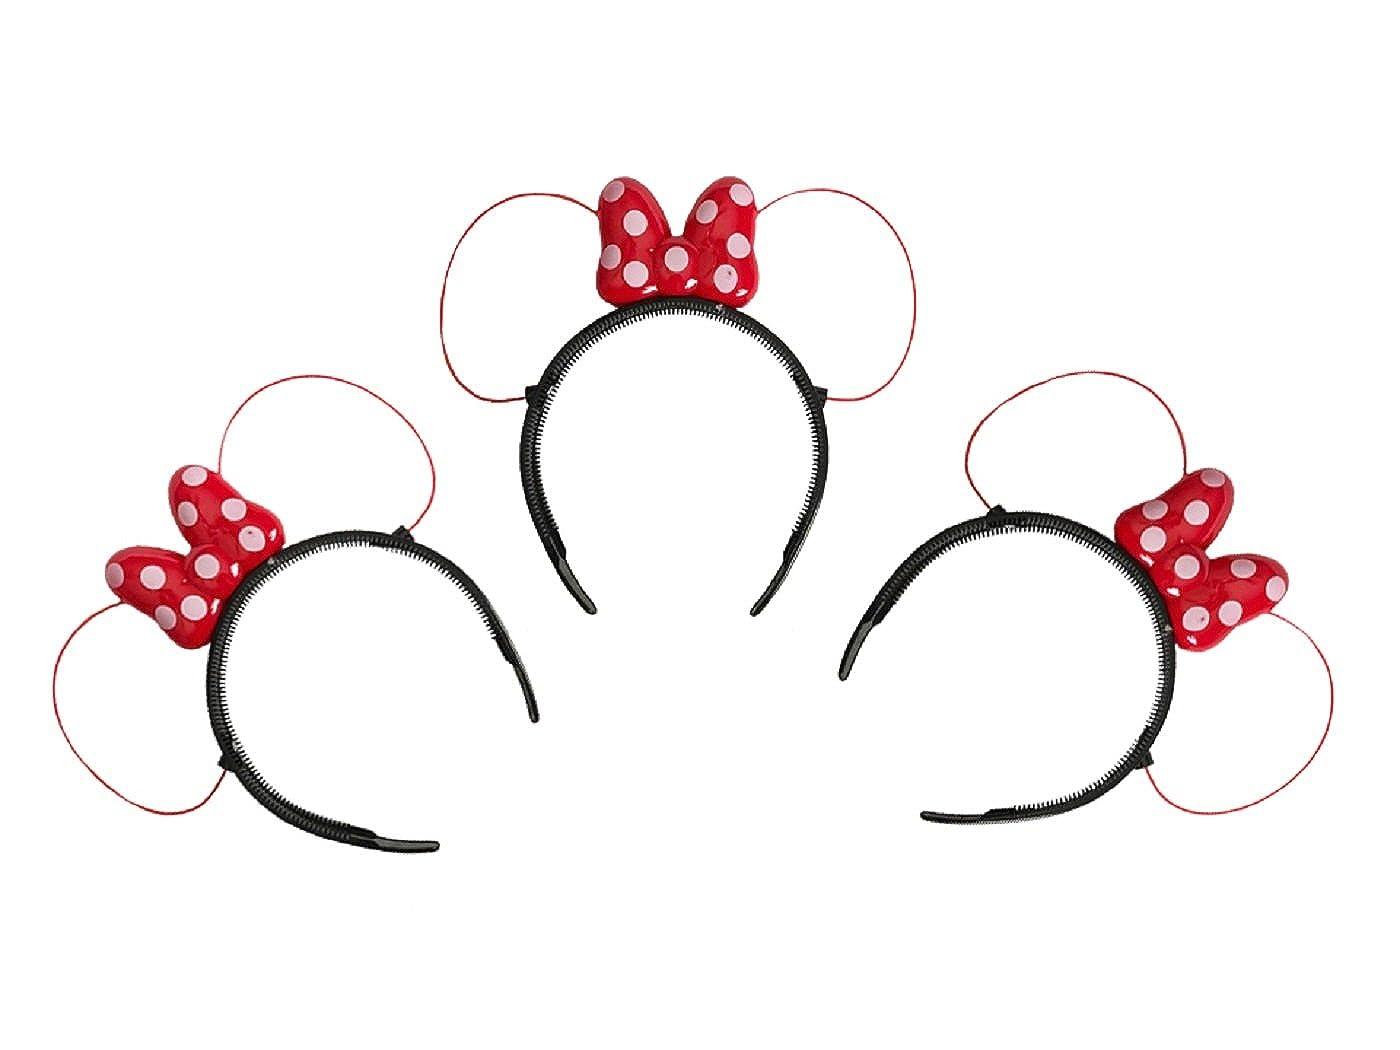 LED Minnieマウス耳とヘッドバンド赤でカラーwith Polka Dots – Set of 3 。   B075ZPFL4V